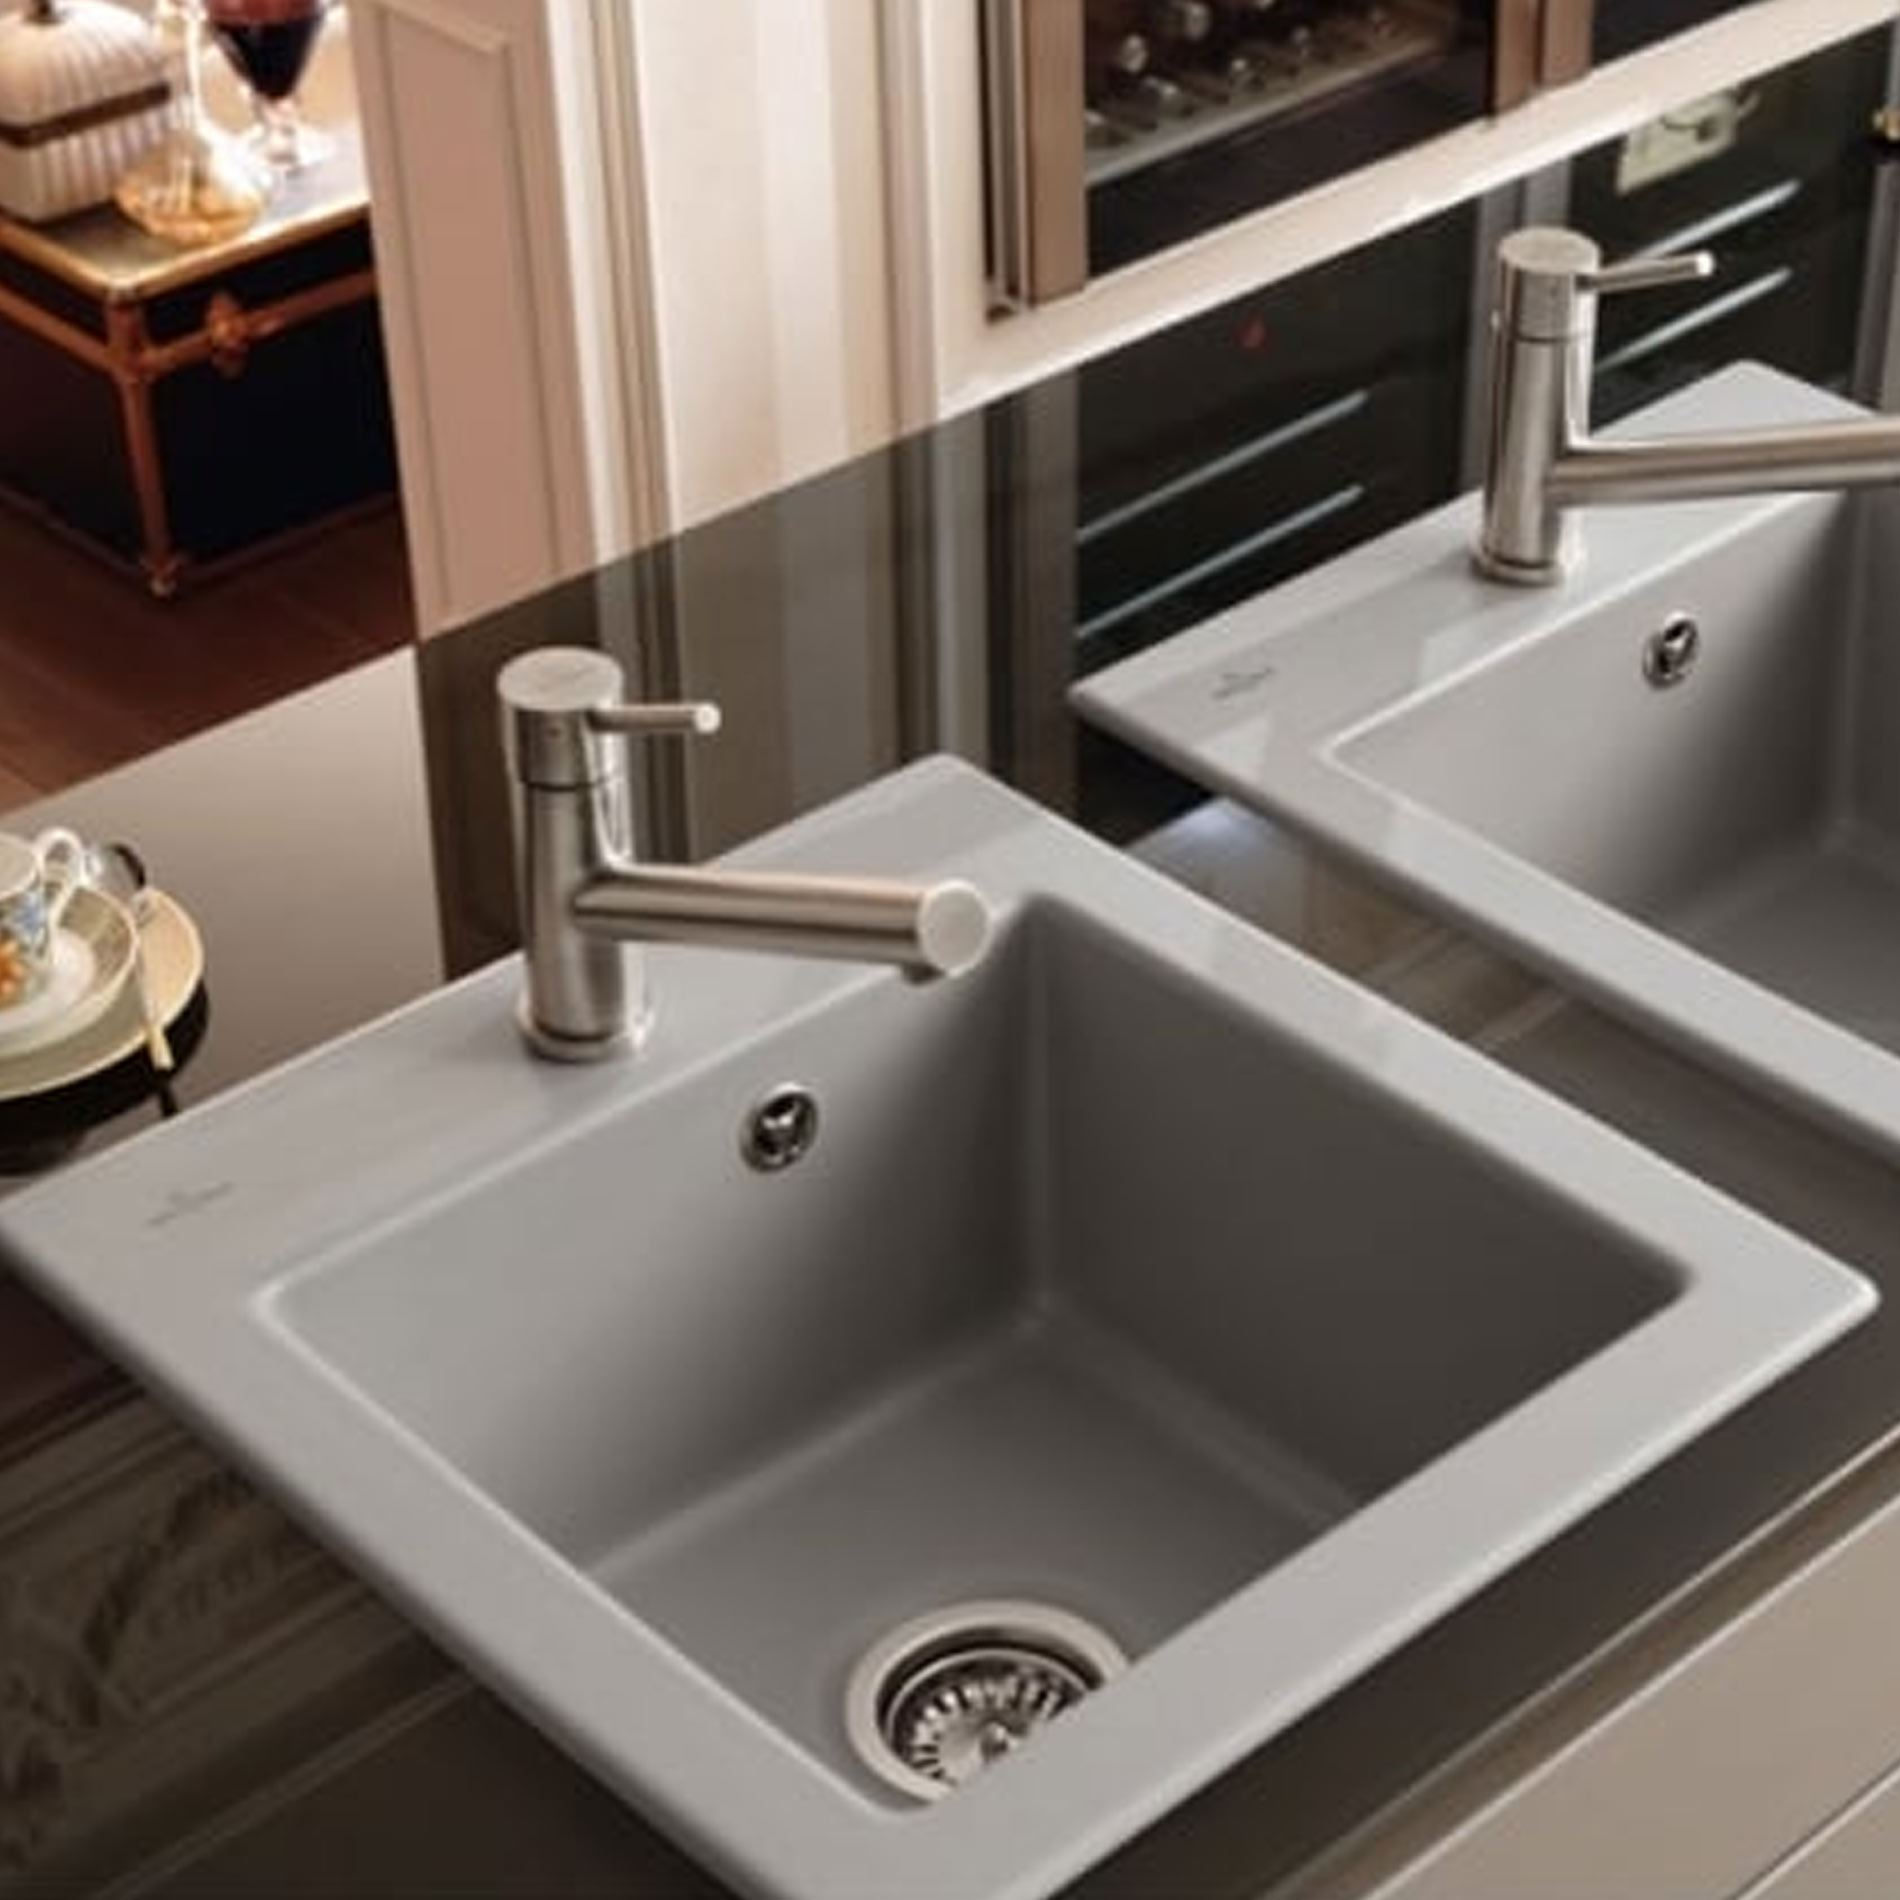 Villeroy & Boch: Subway 45 XS Fossil Ceramic Sink - Kitchen Sinks & Taps